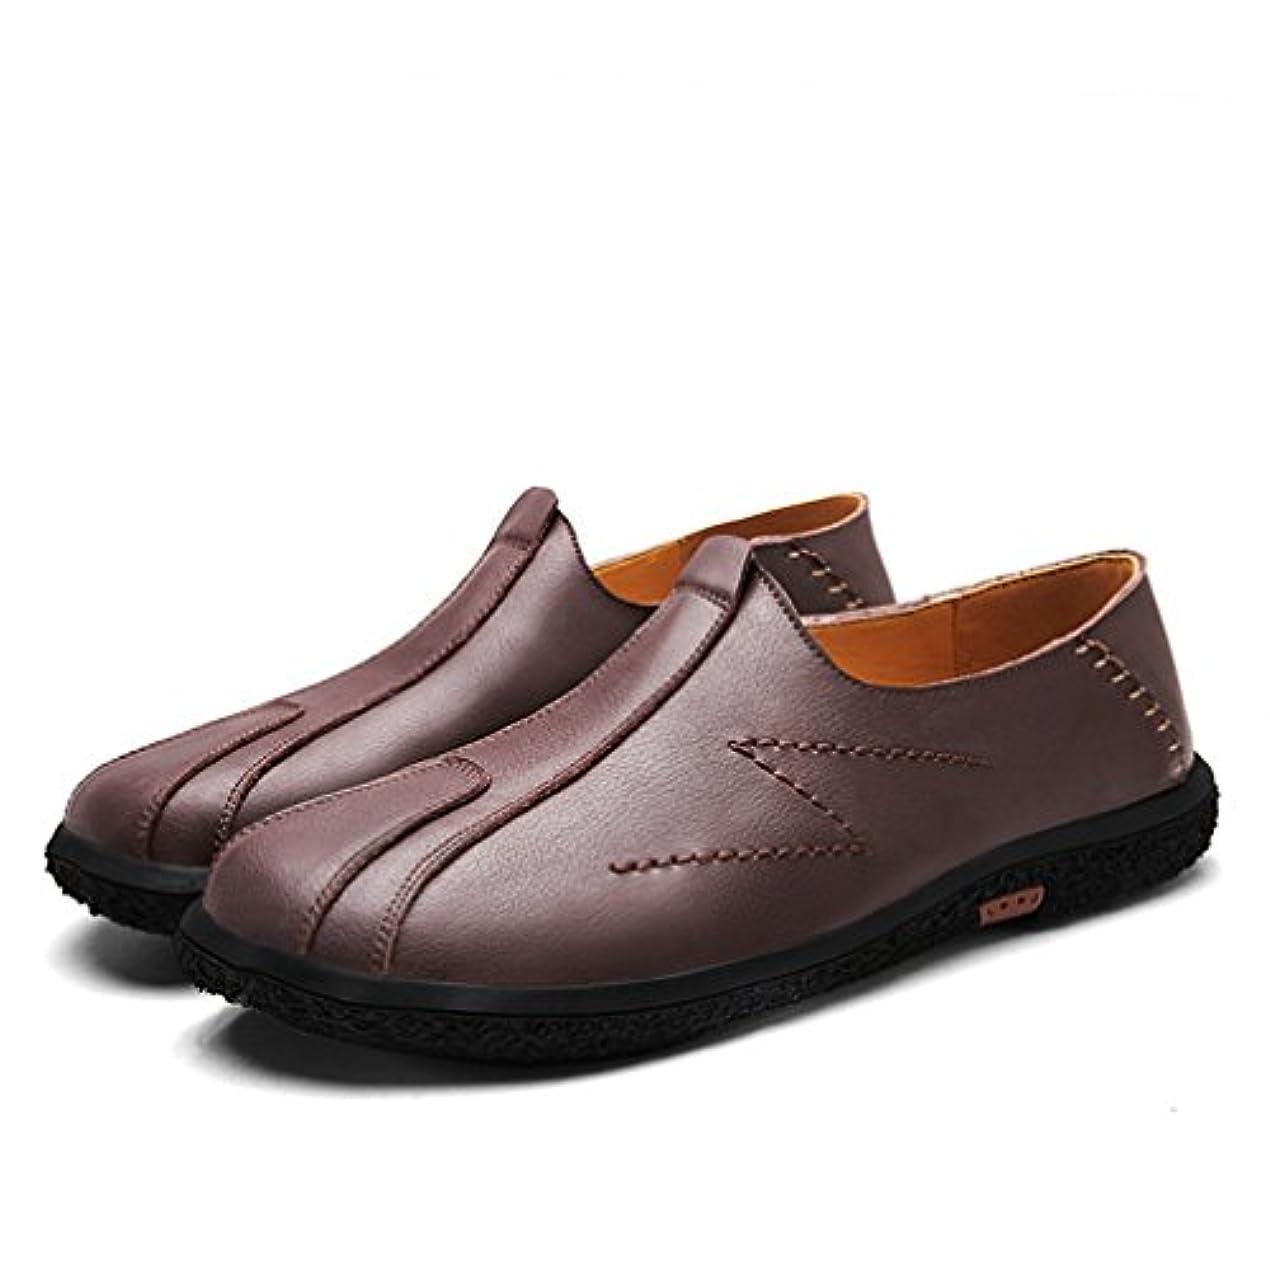 コロニアル所得ピカリング[OM]メンズ 牛革 ドライビングシューズ 軽量 スリッポンシューズ 2種履き方 クラシック 職場用 ローファー モカシン 革靴 かかと踏める 本革 柔らかい カジュアルシューズ